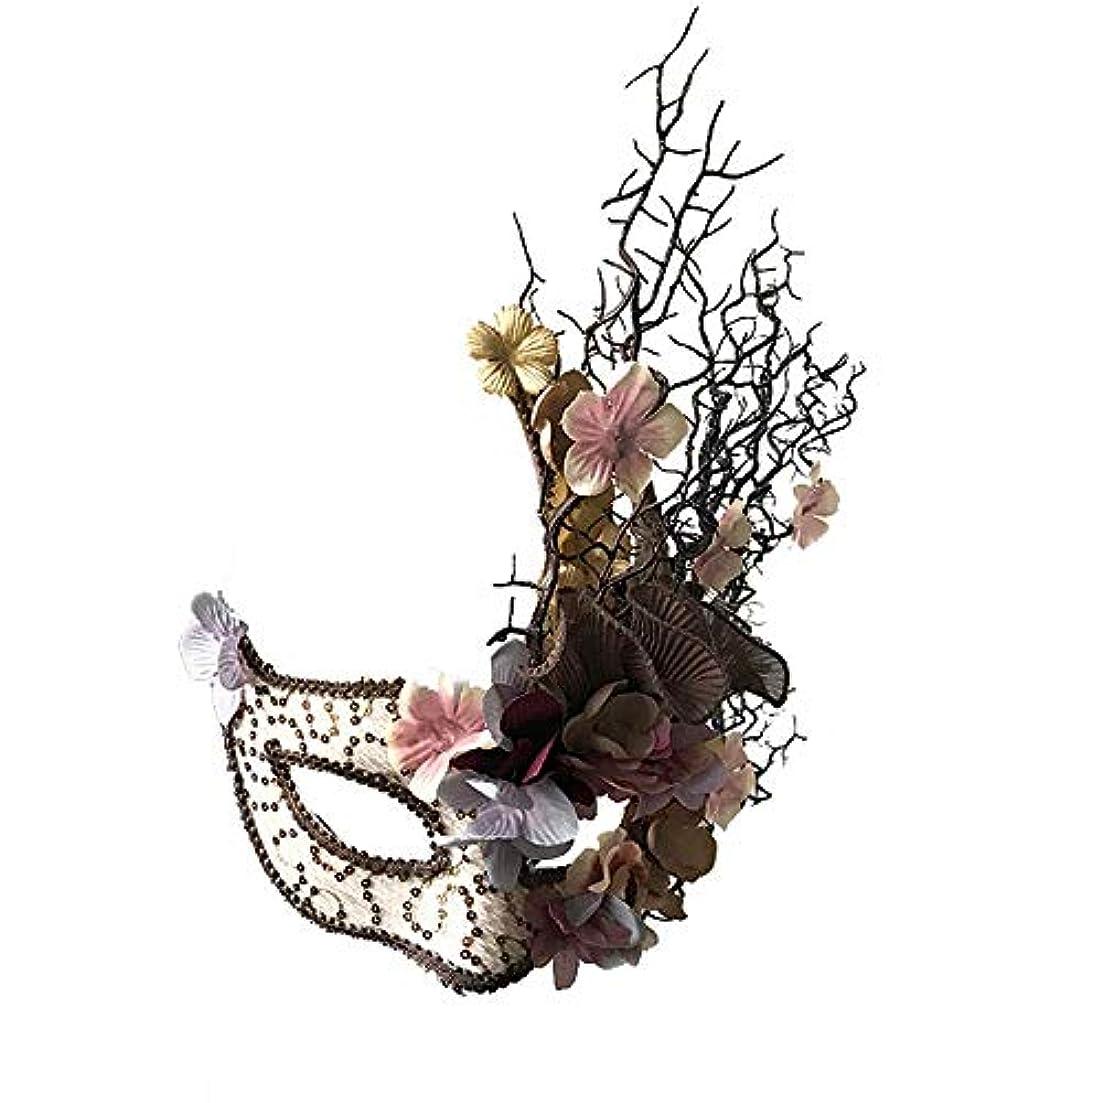 毛細血管高める反対したNanle ハロウィンプラムツリーブランチマスク仮装手持ちのマスクレディミスプリンセス美容祭パーティーデコレーション (色 : Pink hand-held)